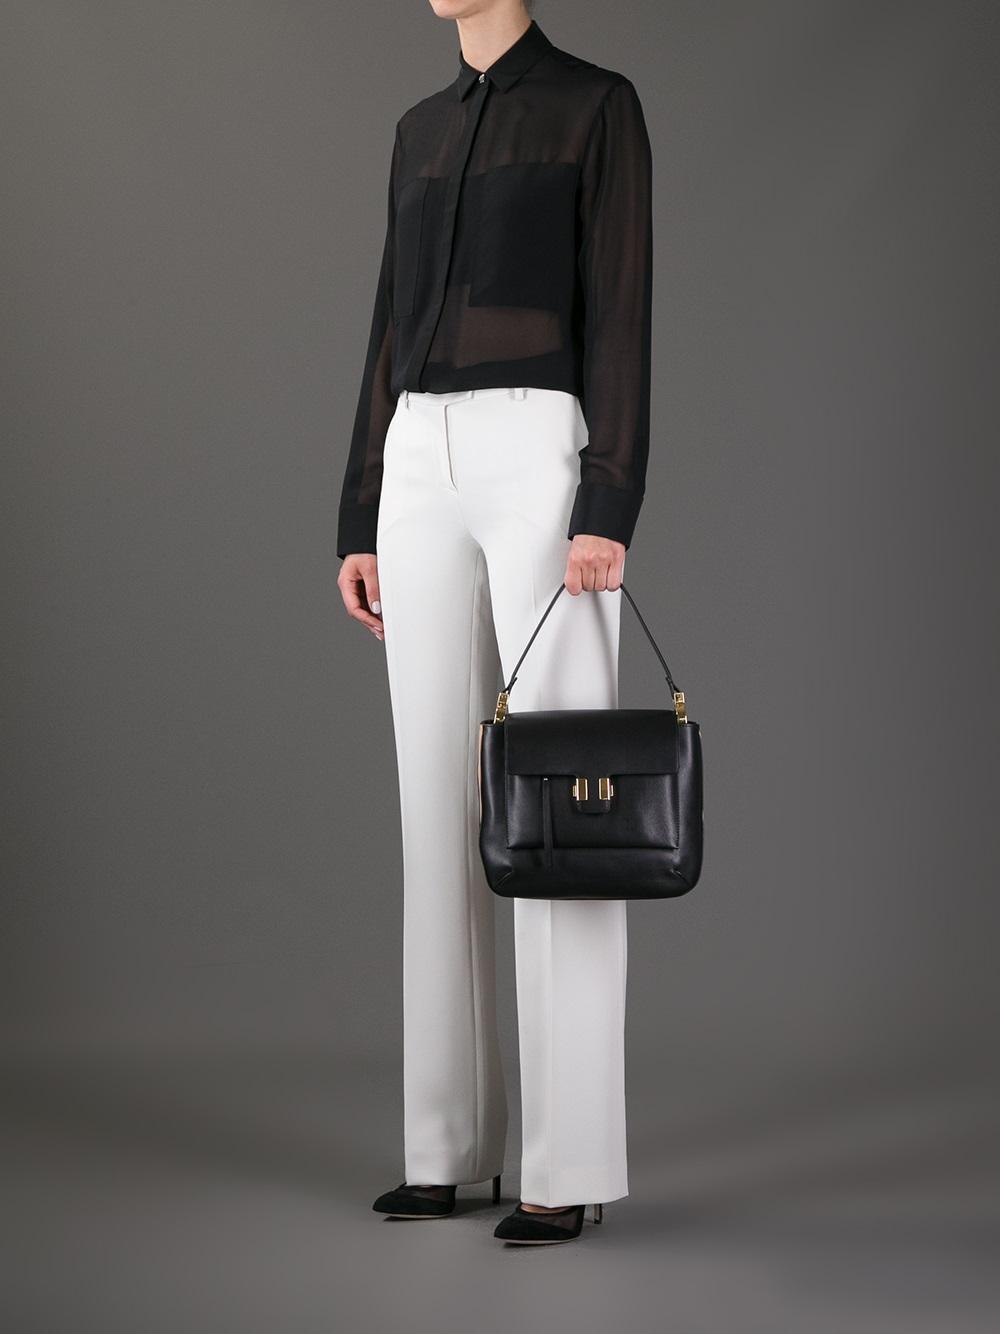 Chlo�� Medium \u0026#39;Amelia\u0026#39; Shoulder Bag in Black | Lyst